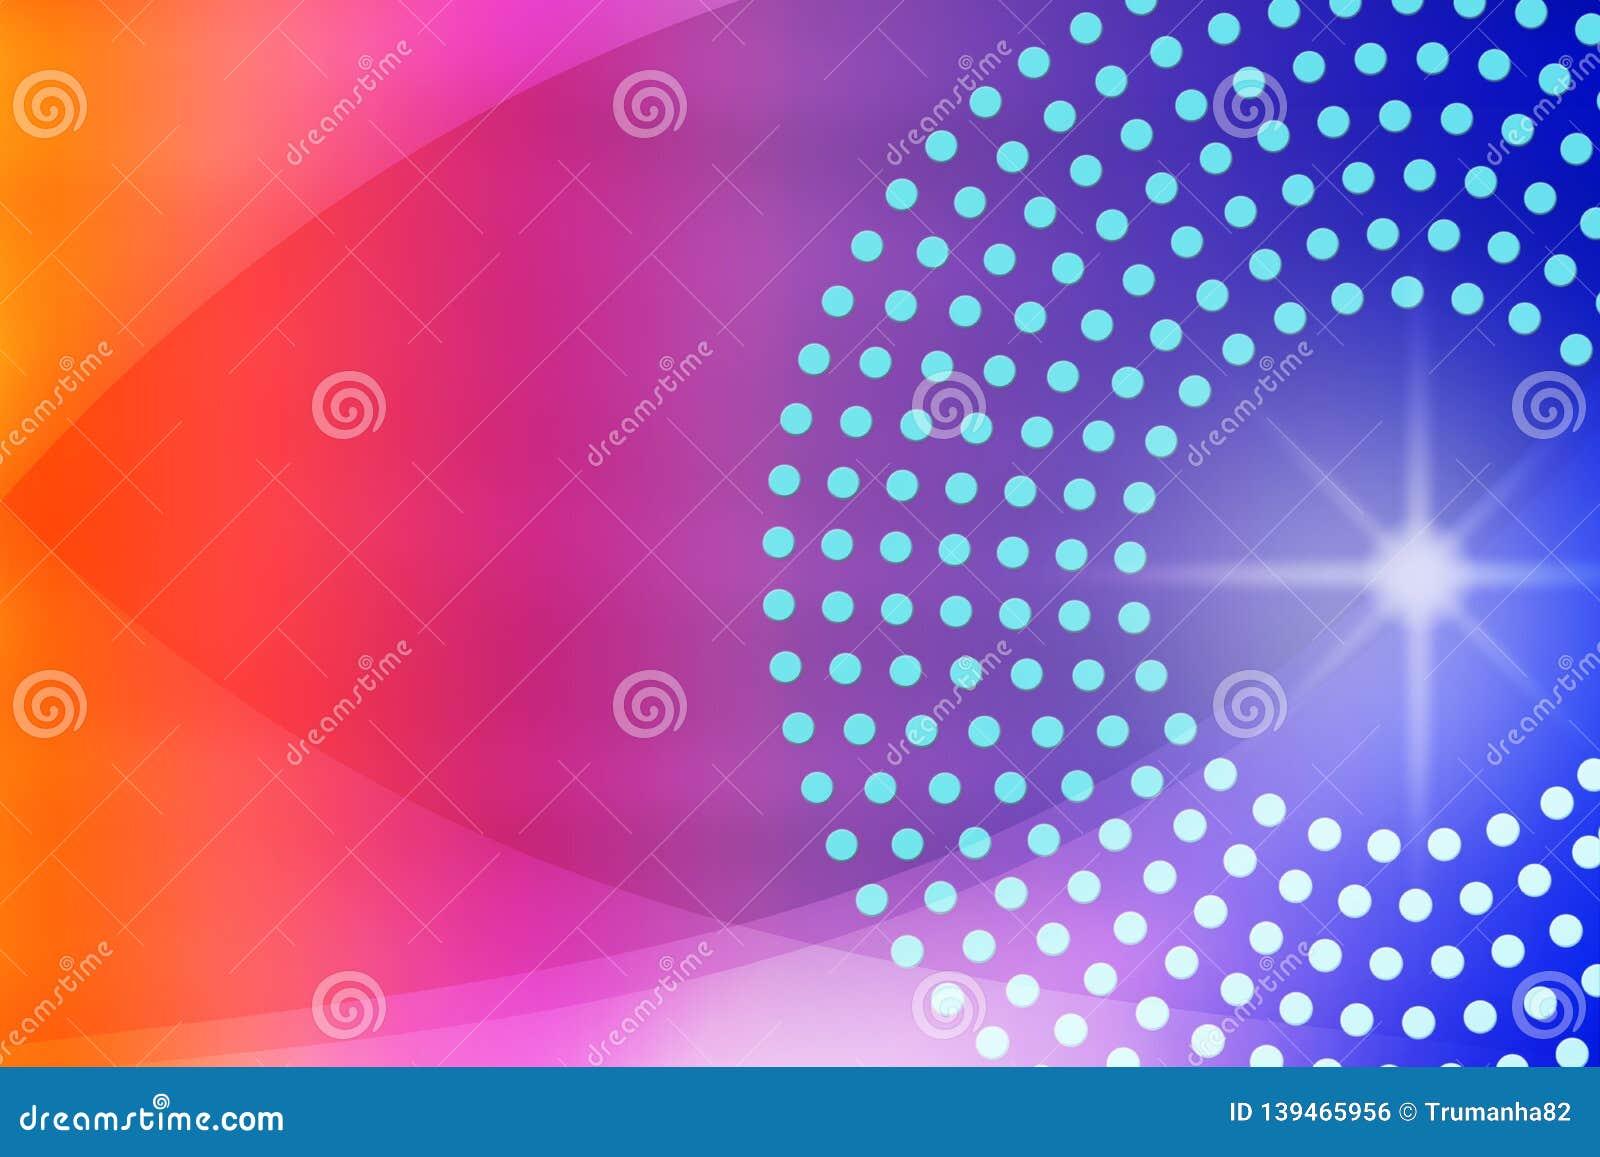 发光的闪闪发光、圈子、小点和曲线在被弄脏的蓝色,紫色,桃红色和红色背景